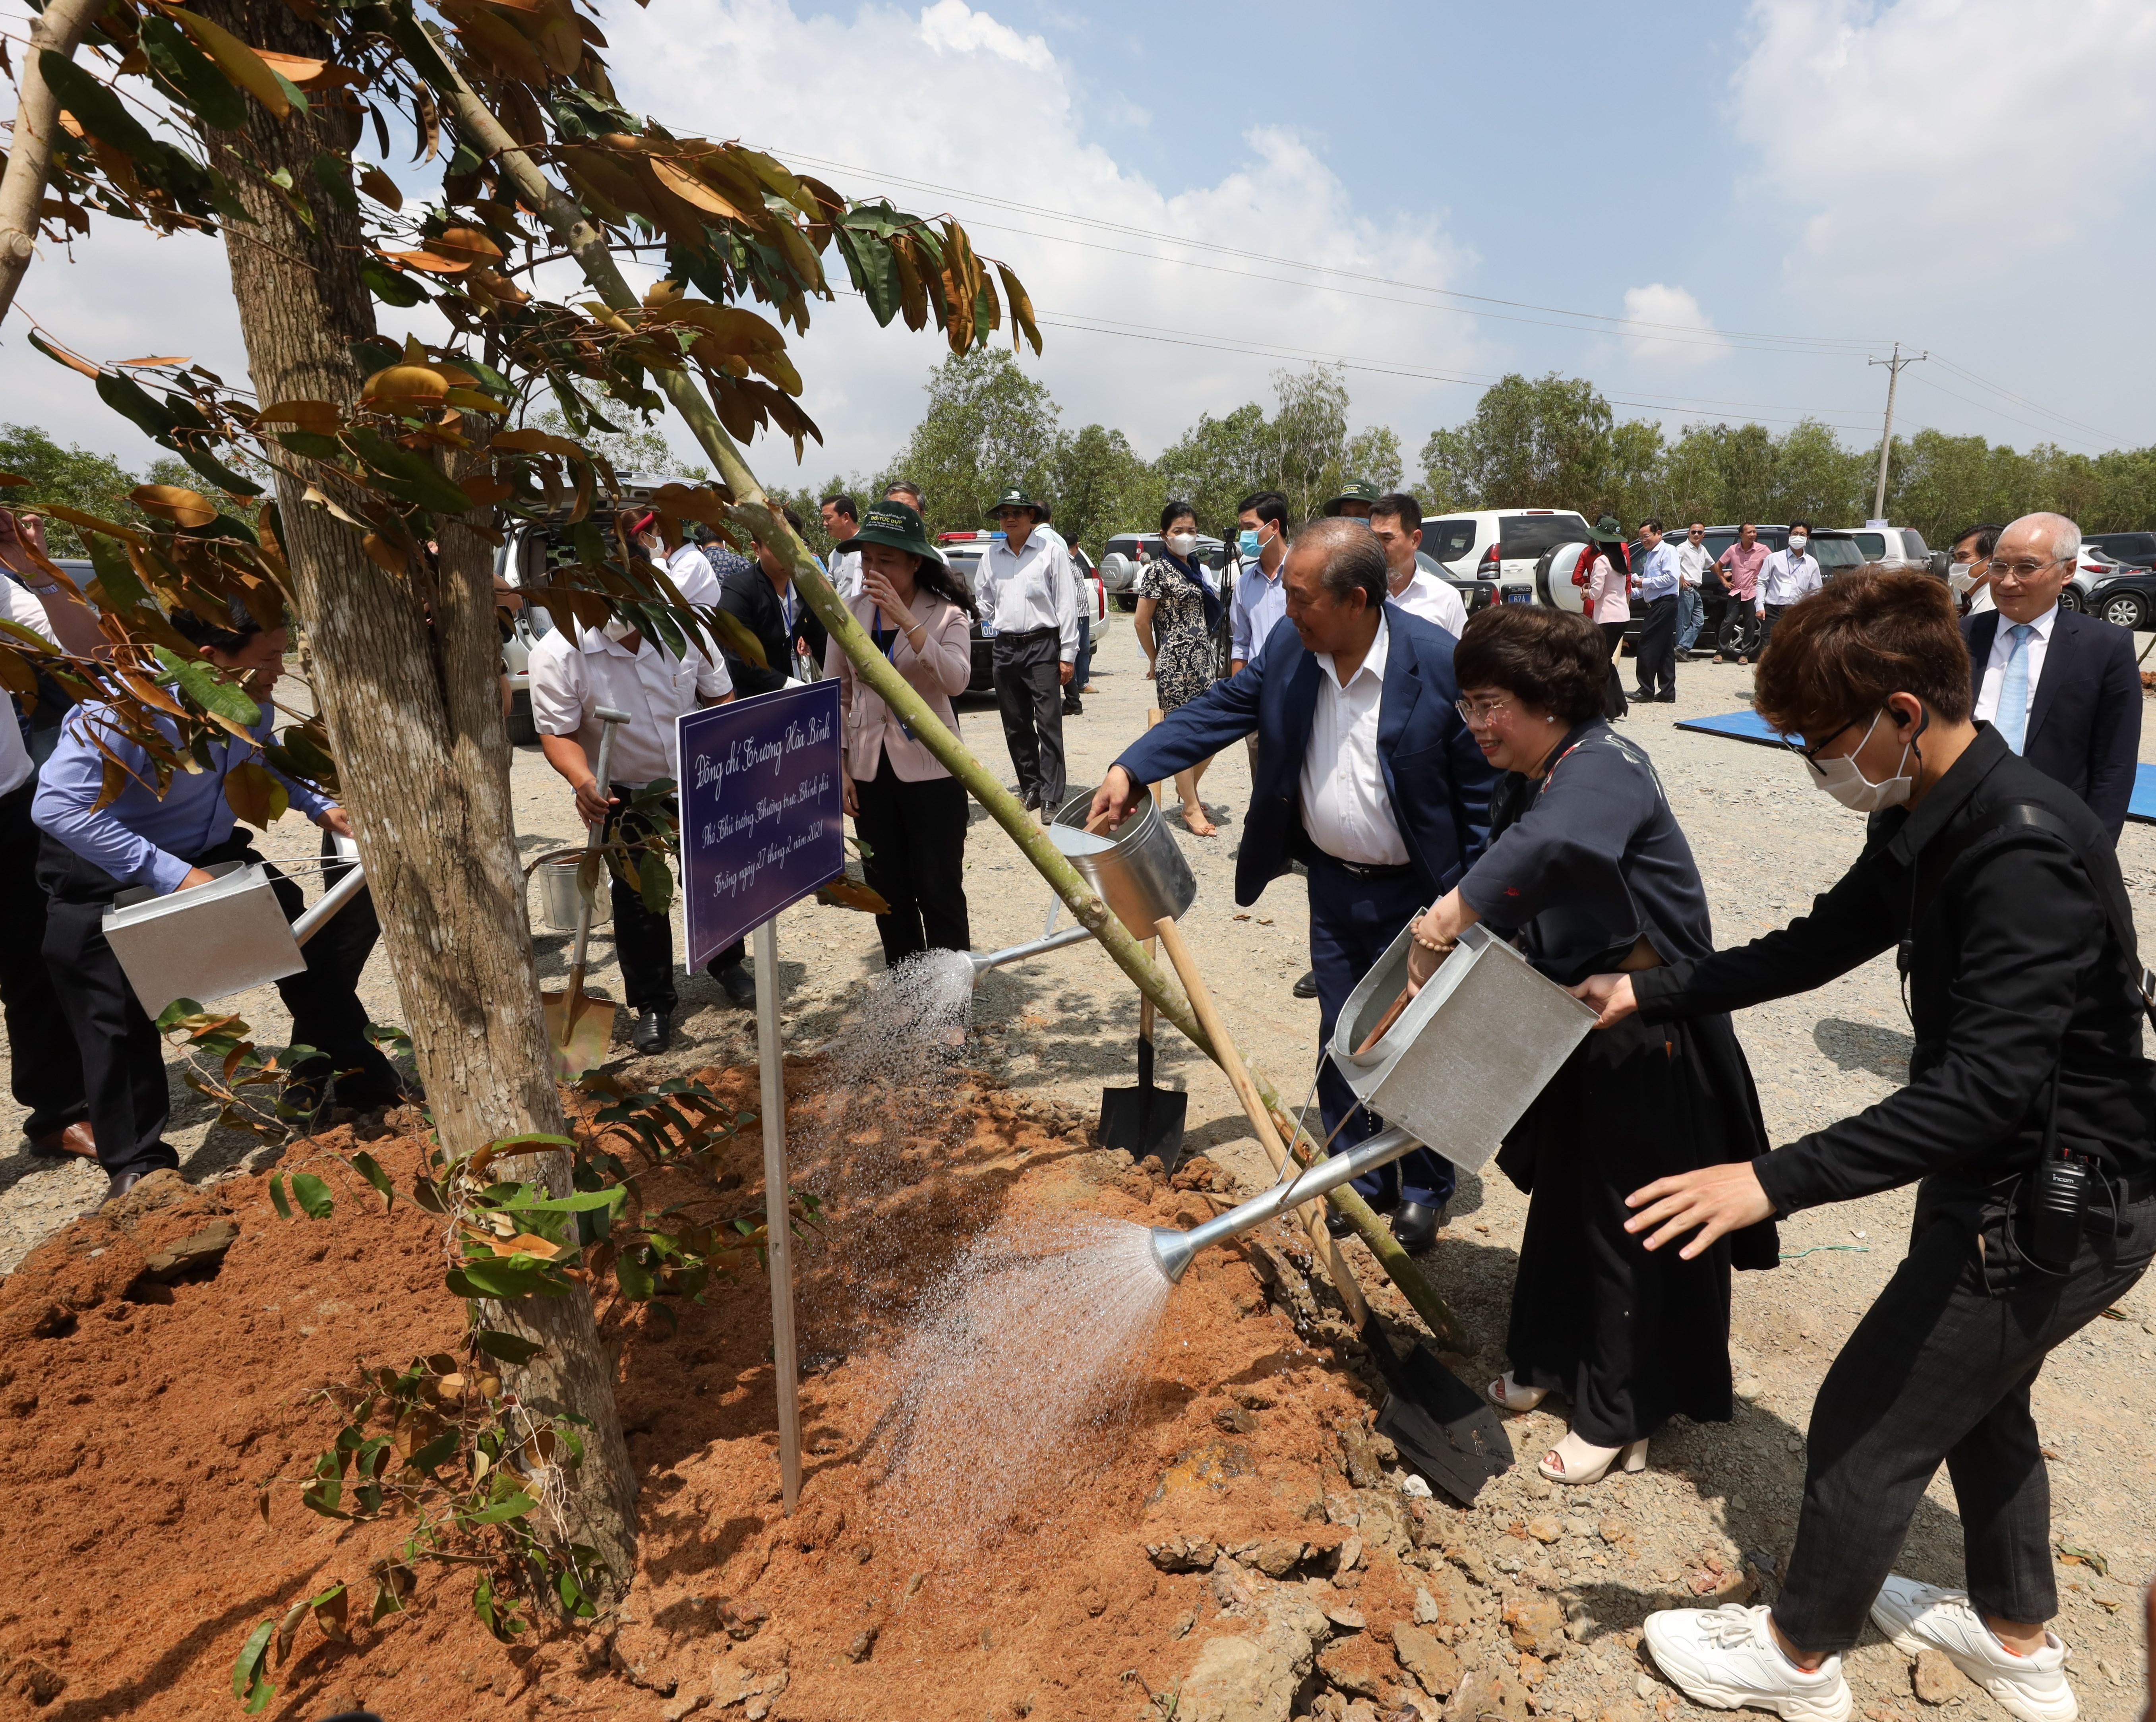 Phó Thủ tướng Trương Hoà Bình cùng các đại biểu tham dự Lễ khởi công tham gia trồng cây tại khu di tích cách mạng Ô Tà Sóc